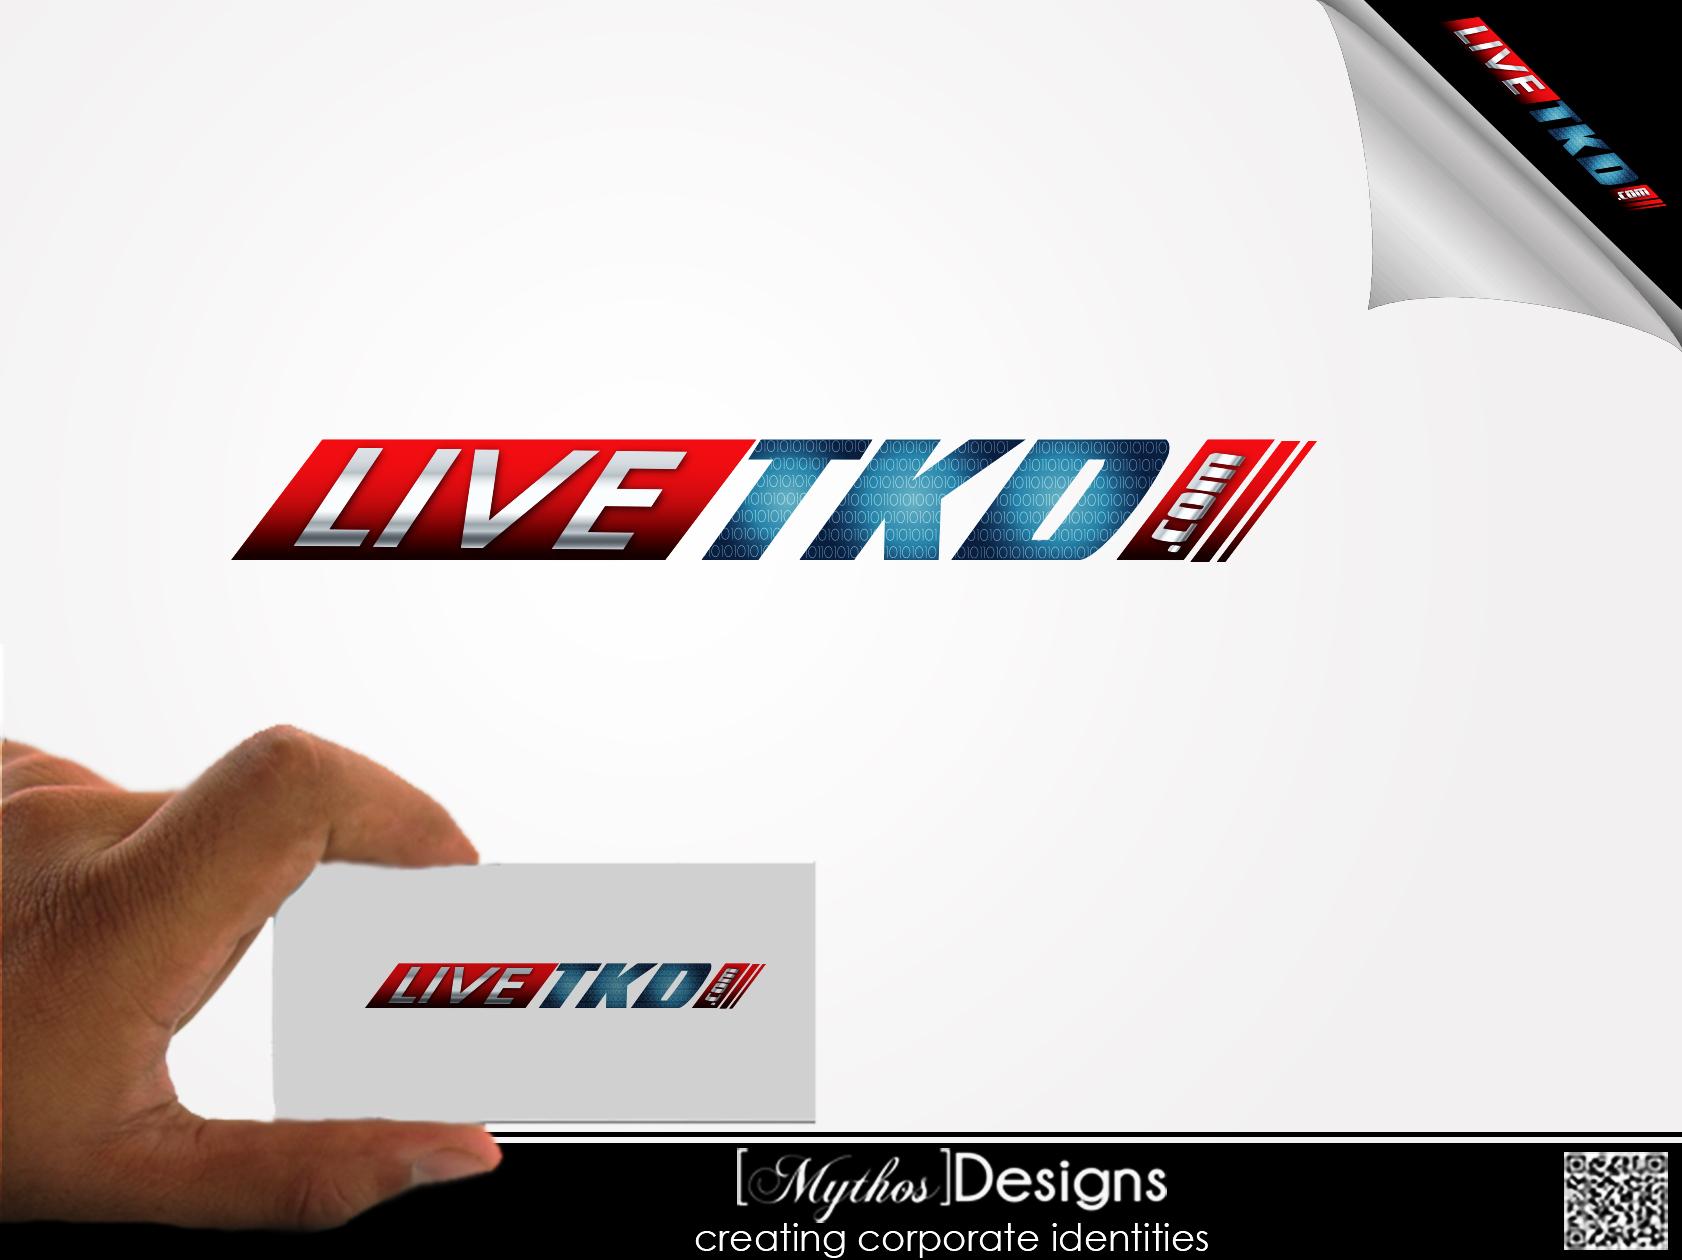 Logo Design by Mythos Designs - Entry No. 189 in the Logo Design Contest New Logo Design for LiveTKD.com.